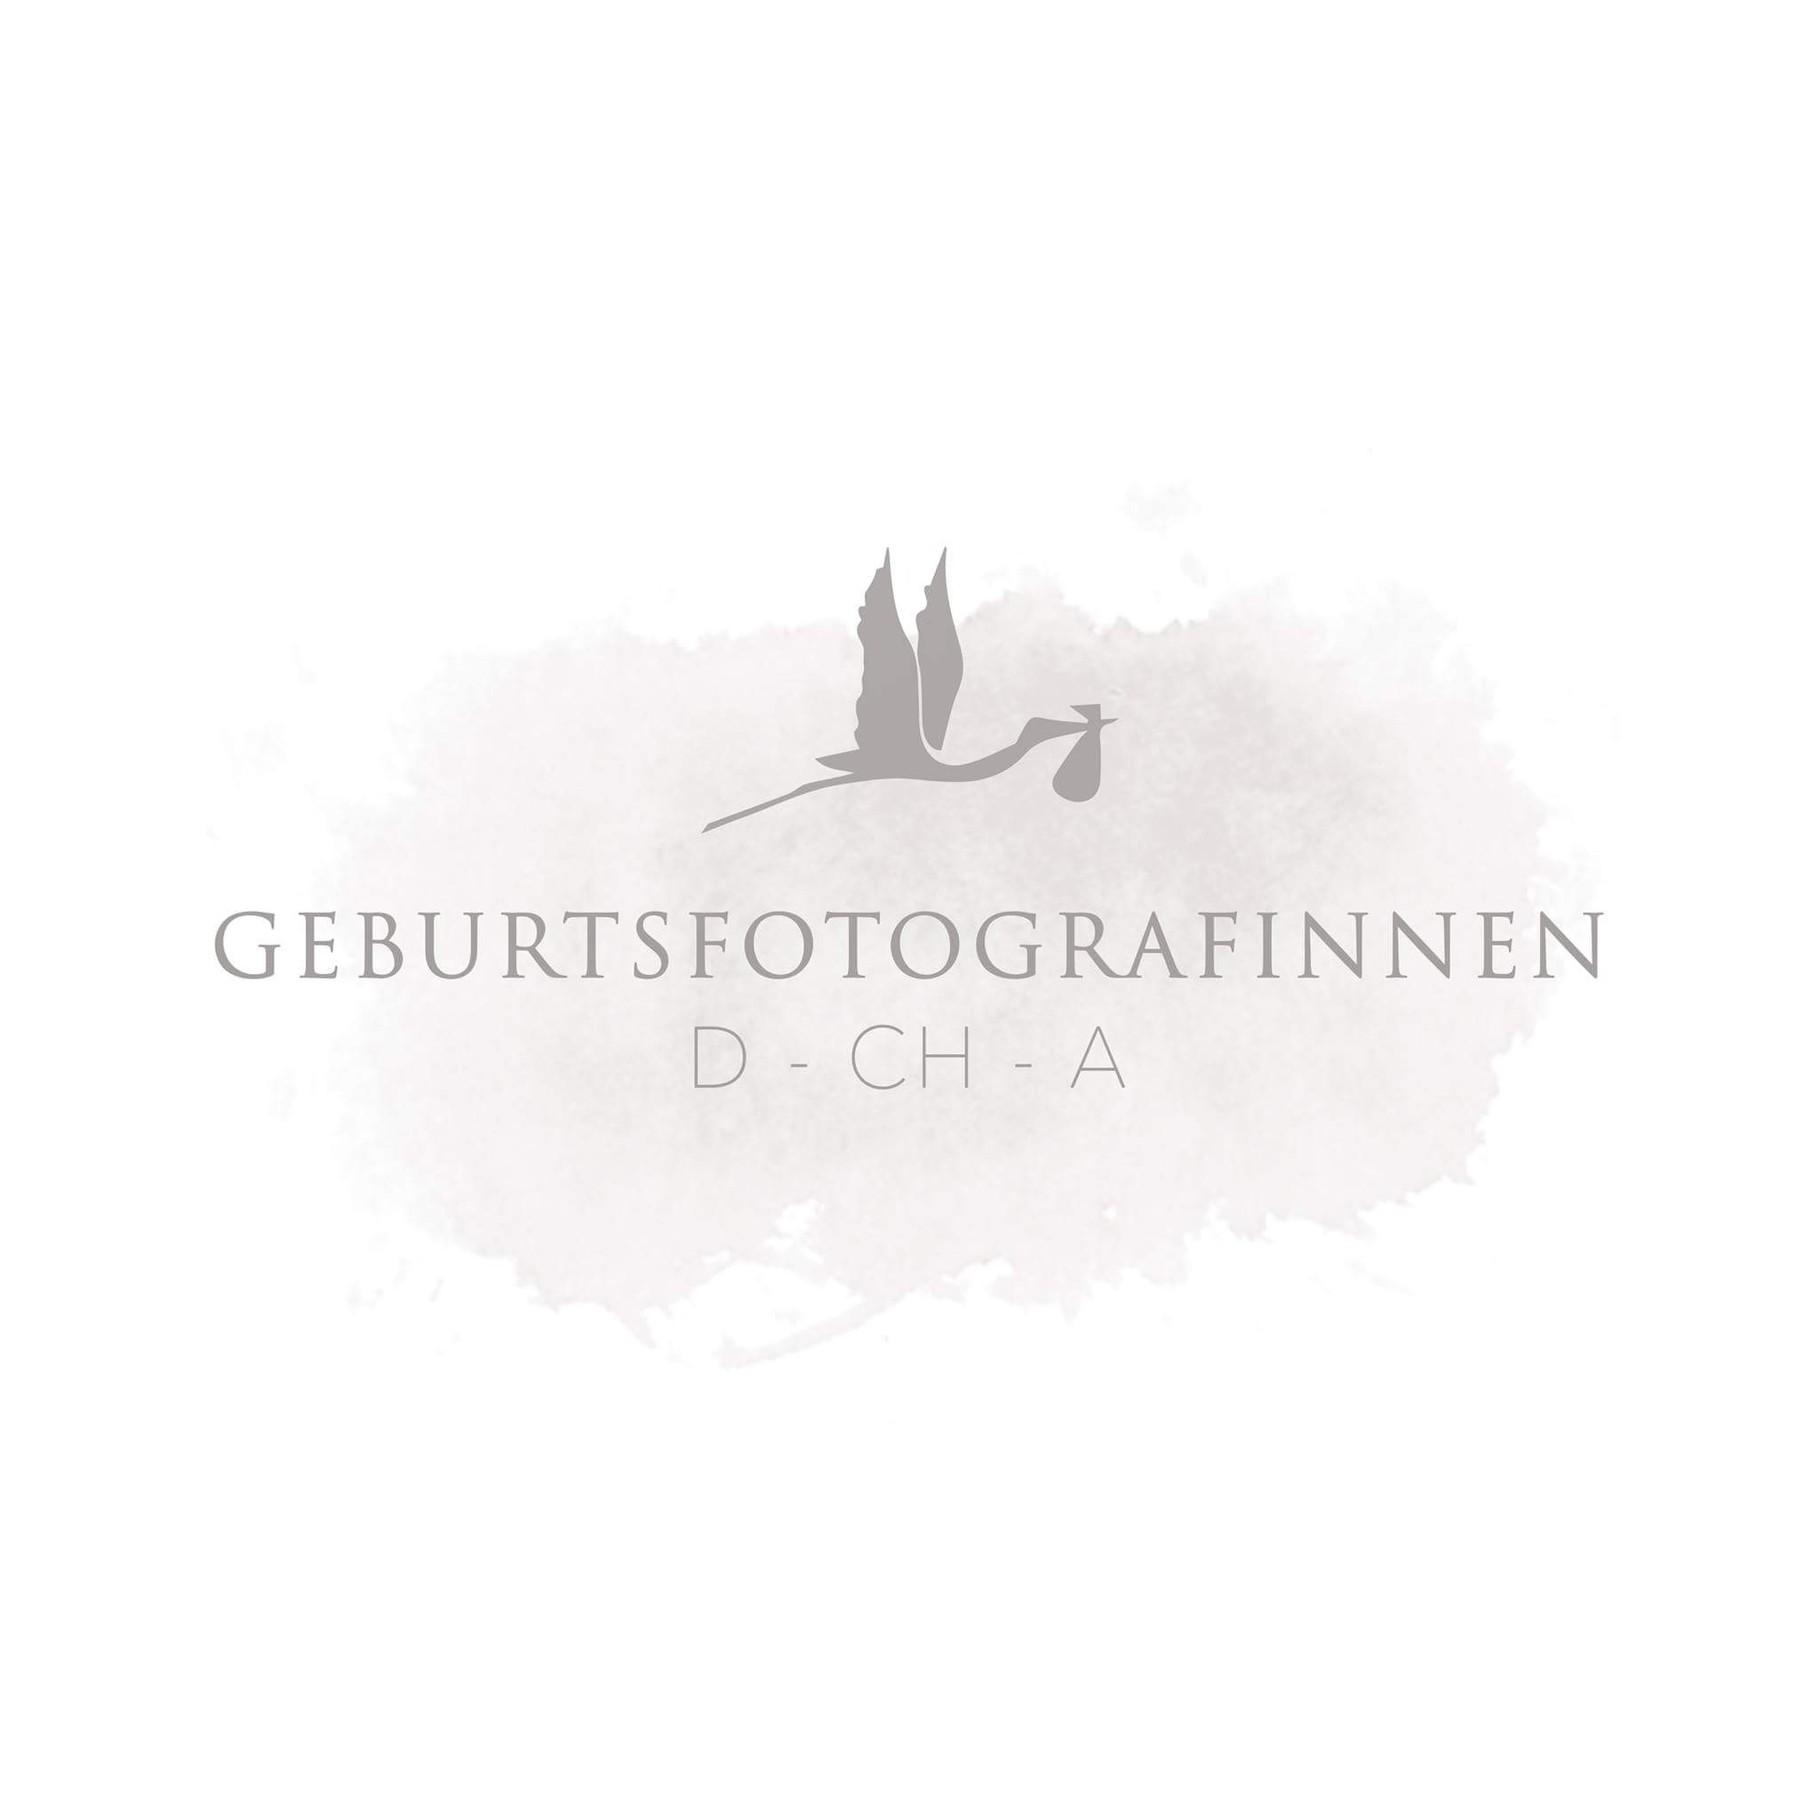 Ich bin Mitglied bei Geburtsfotografinnen Deutschland